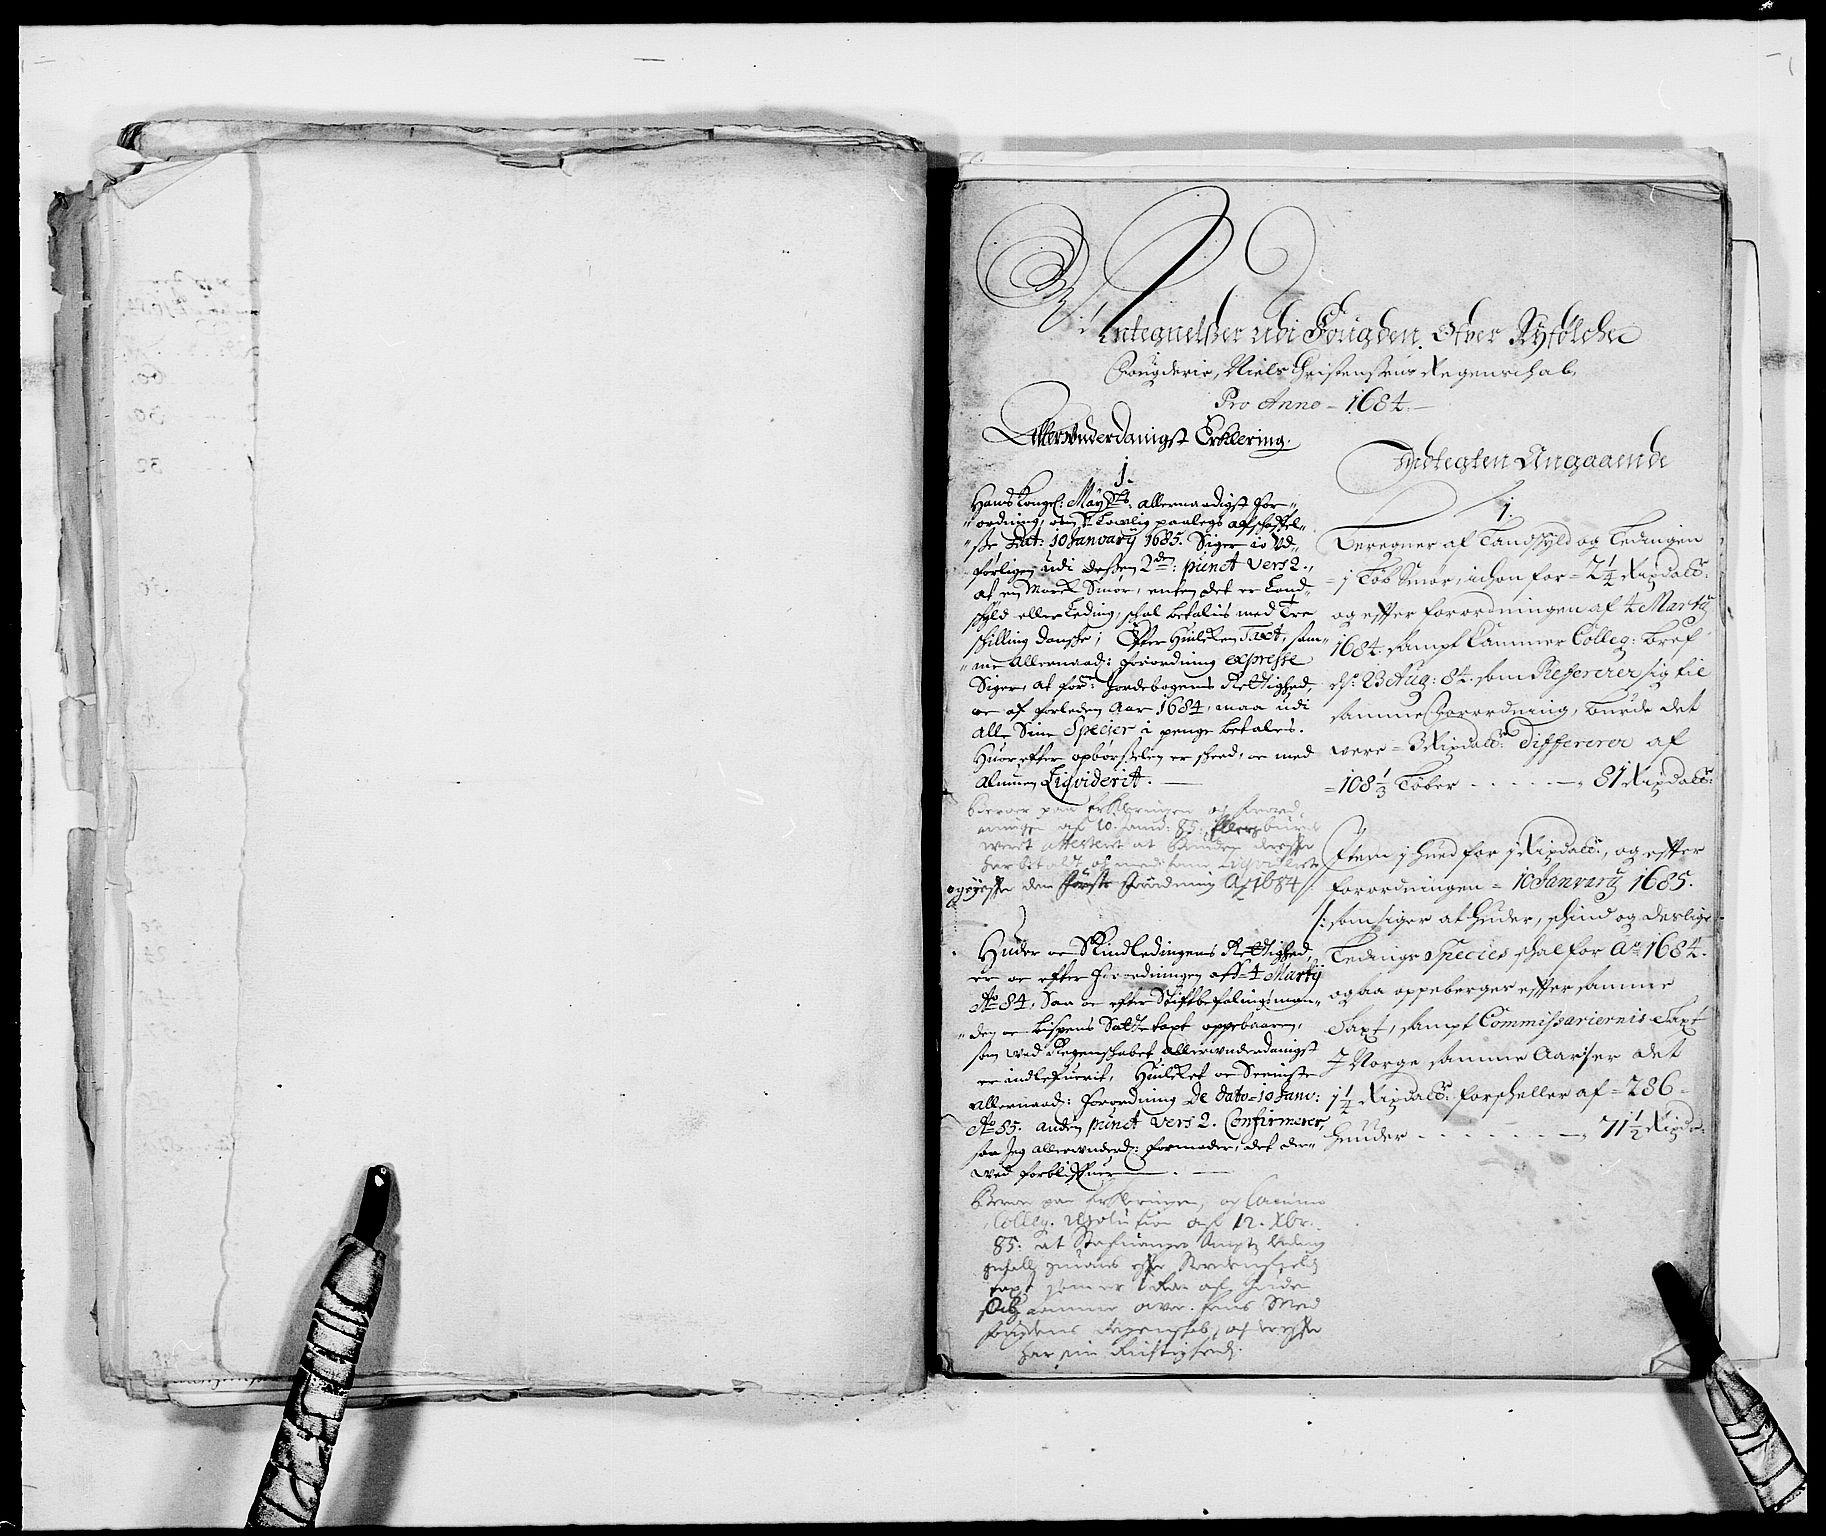 RA, Rentekammeret inntil 1814, Reviderte regnskaper, Fogderegnskap, R47/L2854: Fogderegnskap Ryfylke, 1684, s. 323